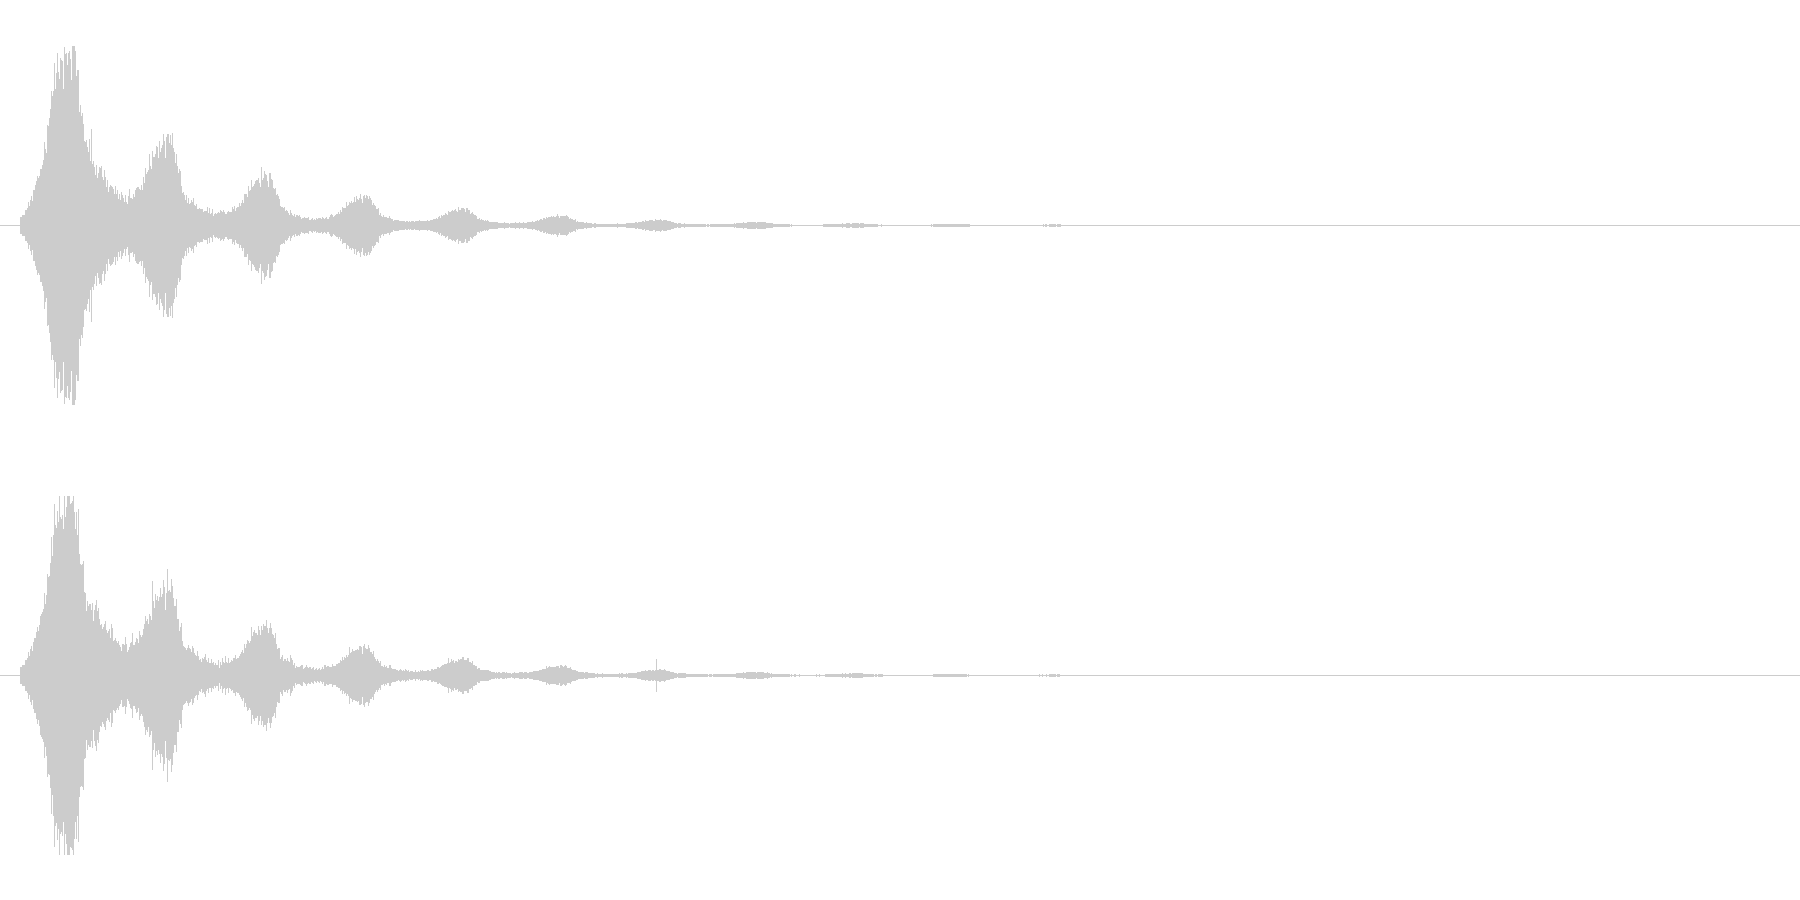 レーザー音-155-2の未再生の波形